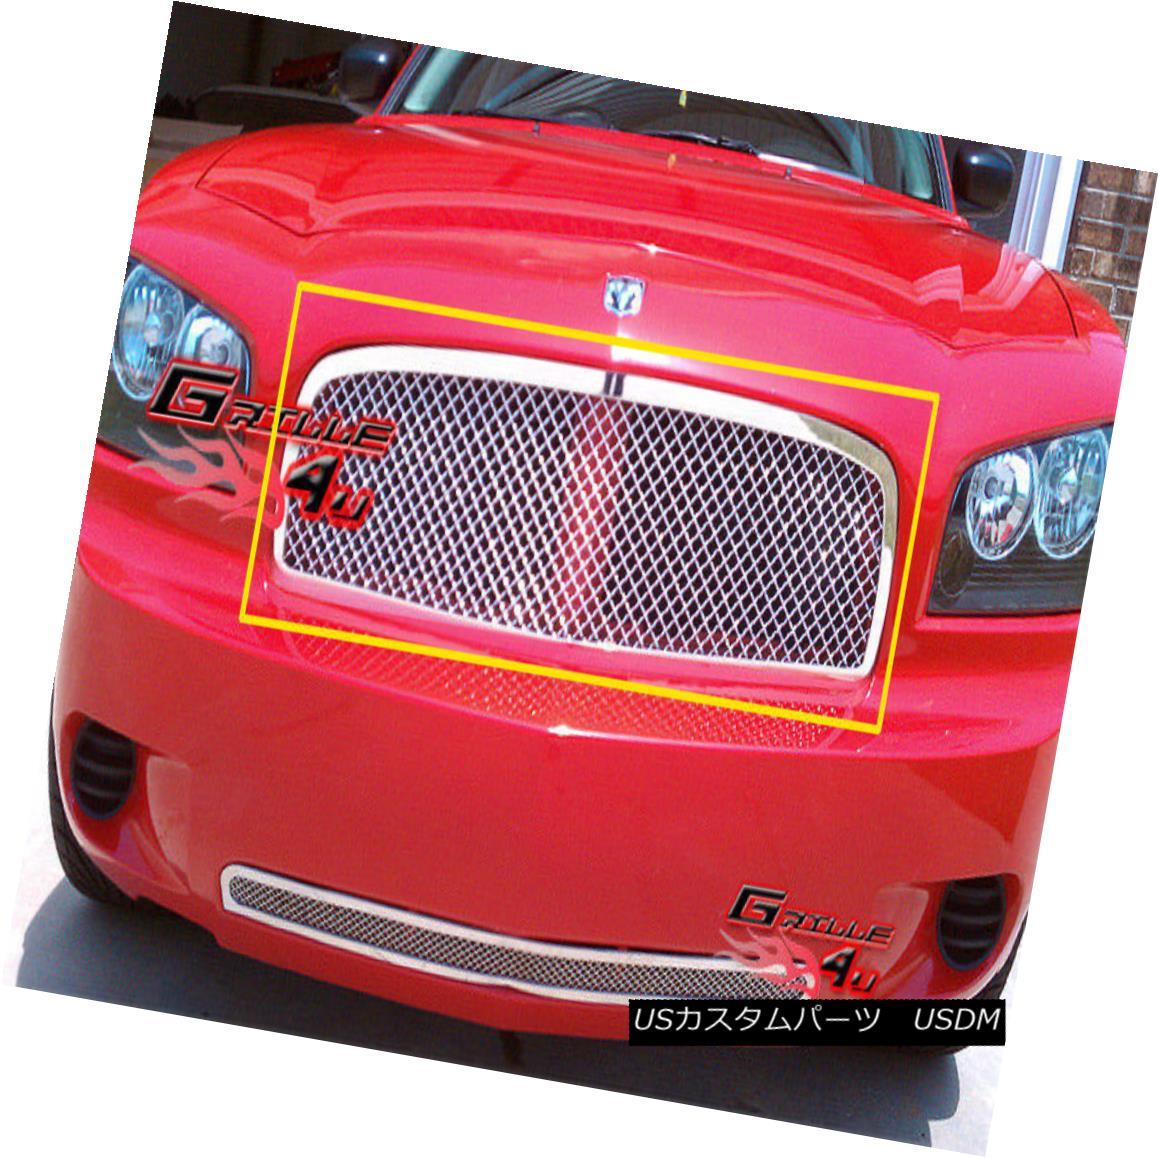 グリル Fits 05-10 Dodge Charger Stainless Steel Mesh Grille Insert フィット05-10ダッジチャージャーステンレスメッシュグリルインサート